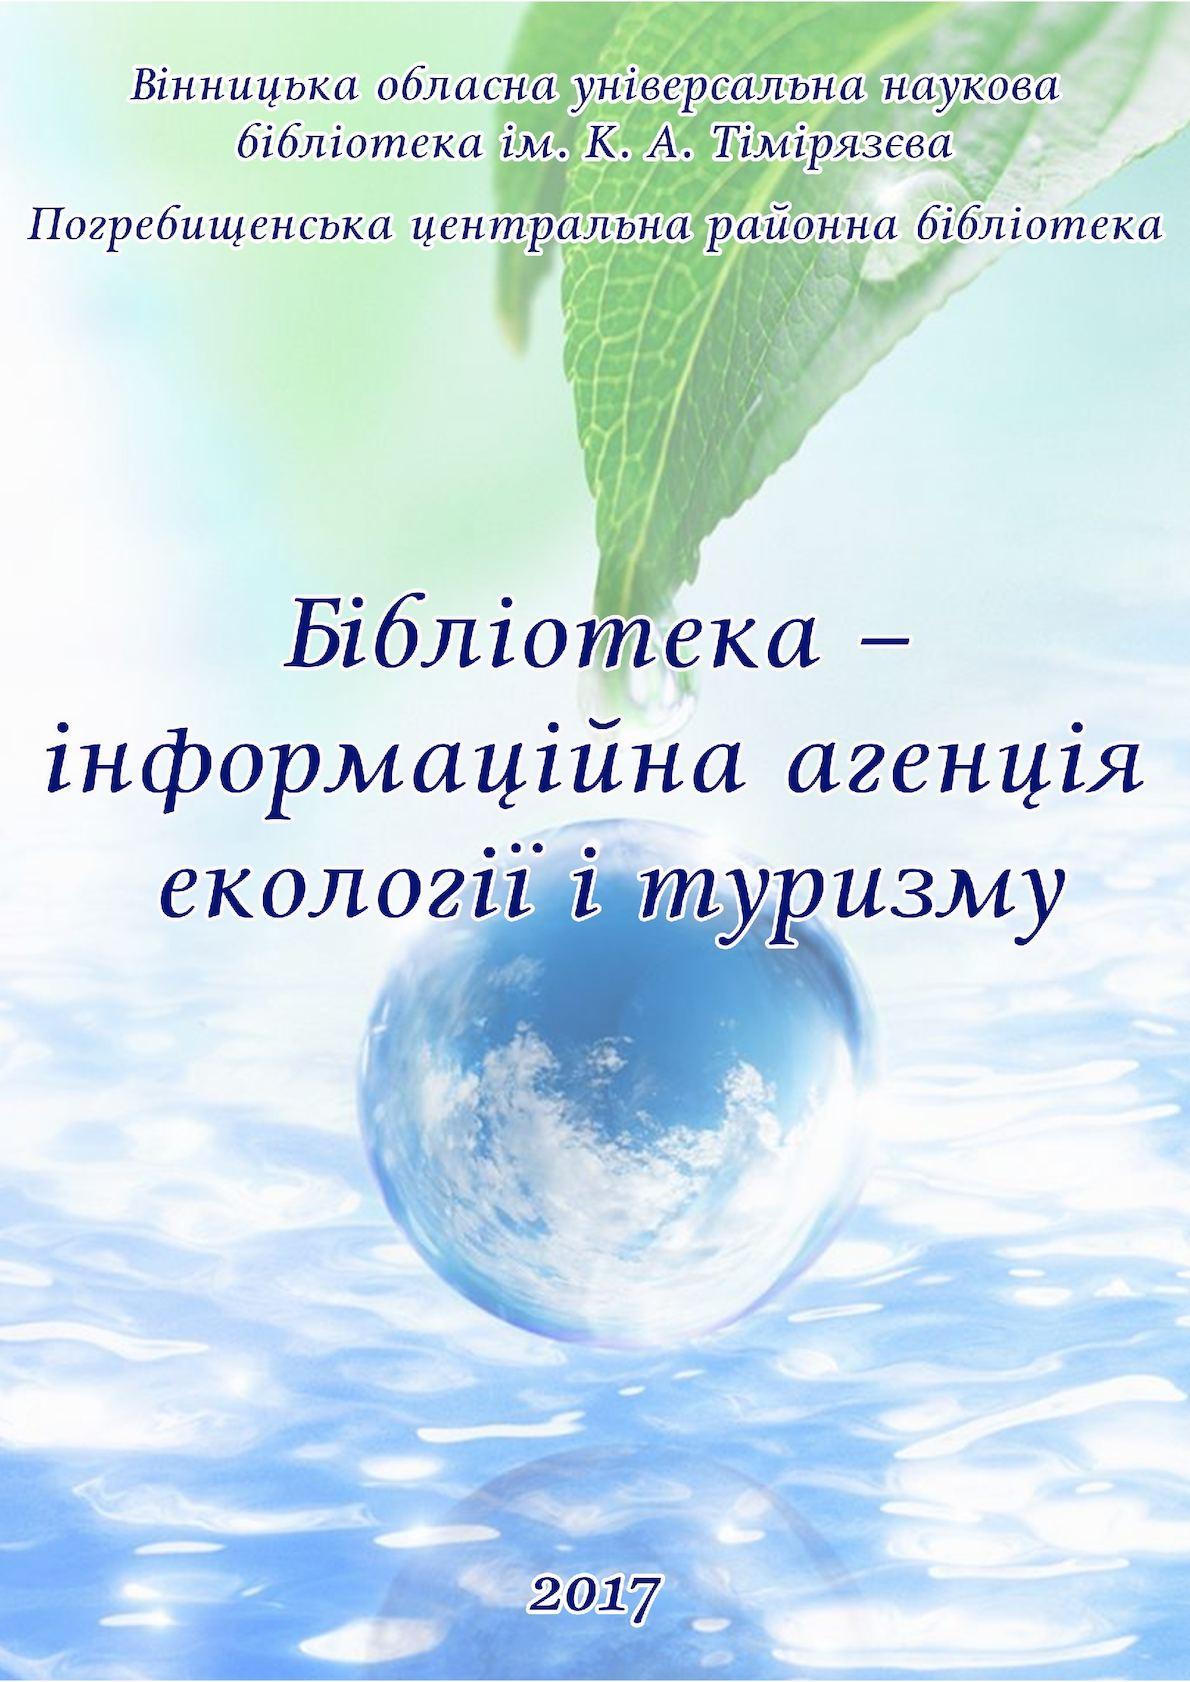 Бібліотека - інформаційна агенція екології і туризму